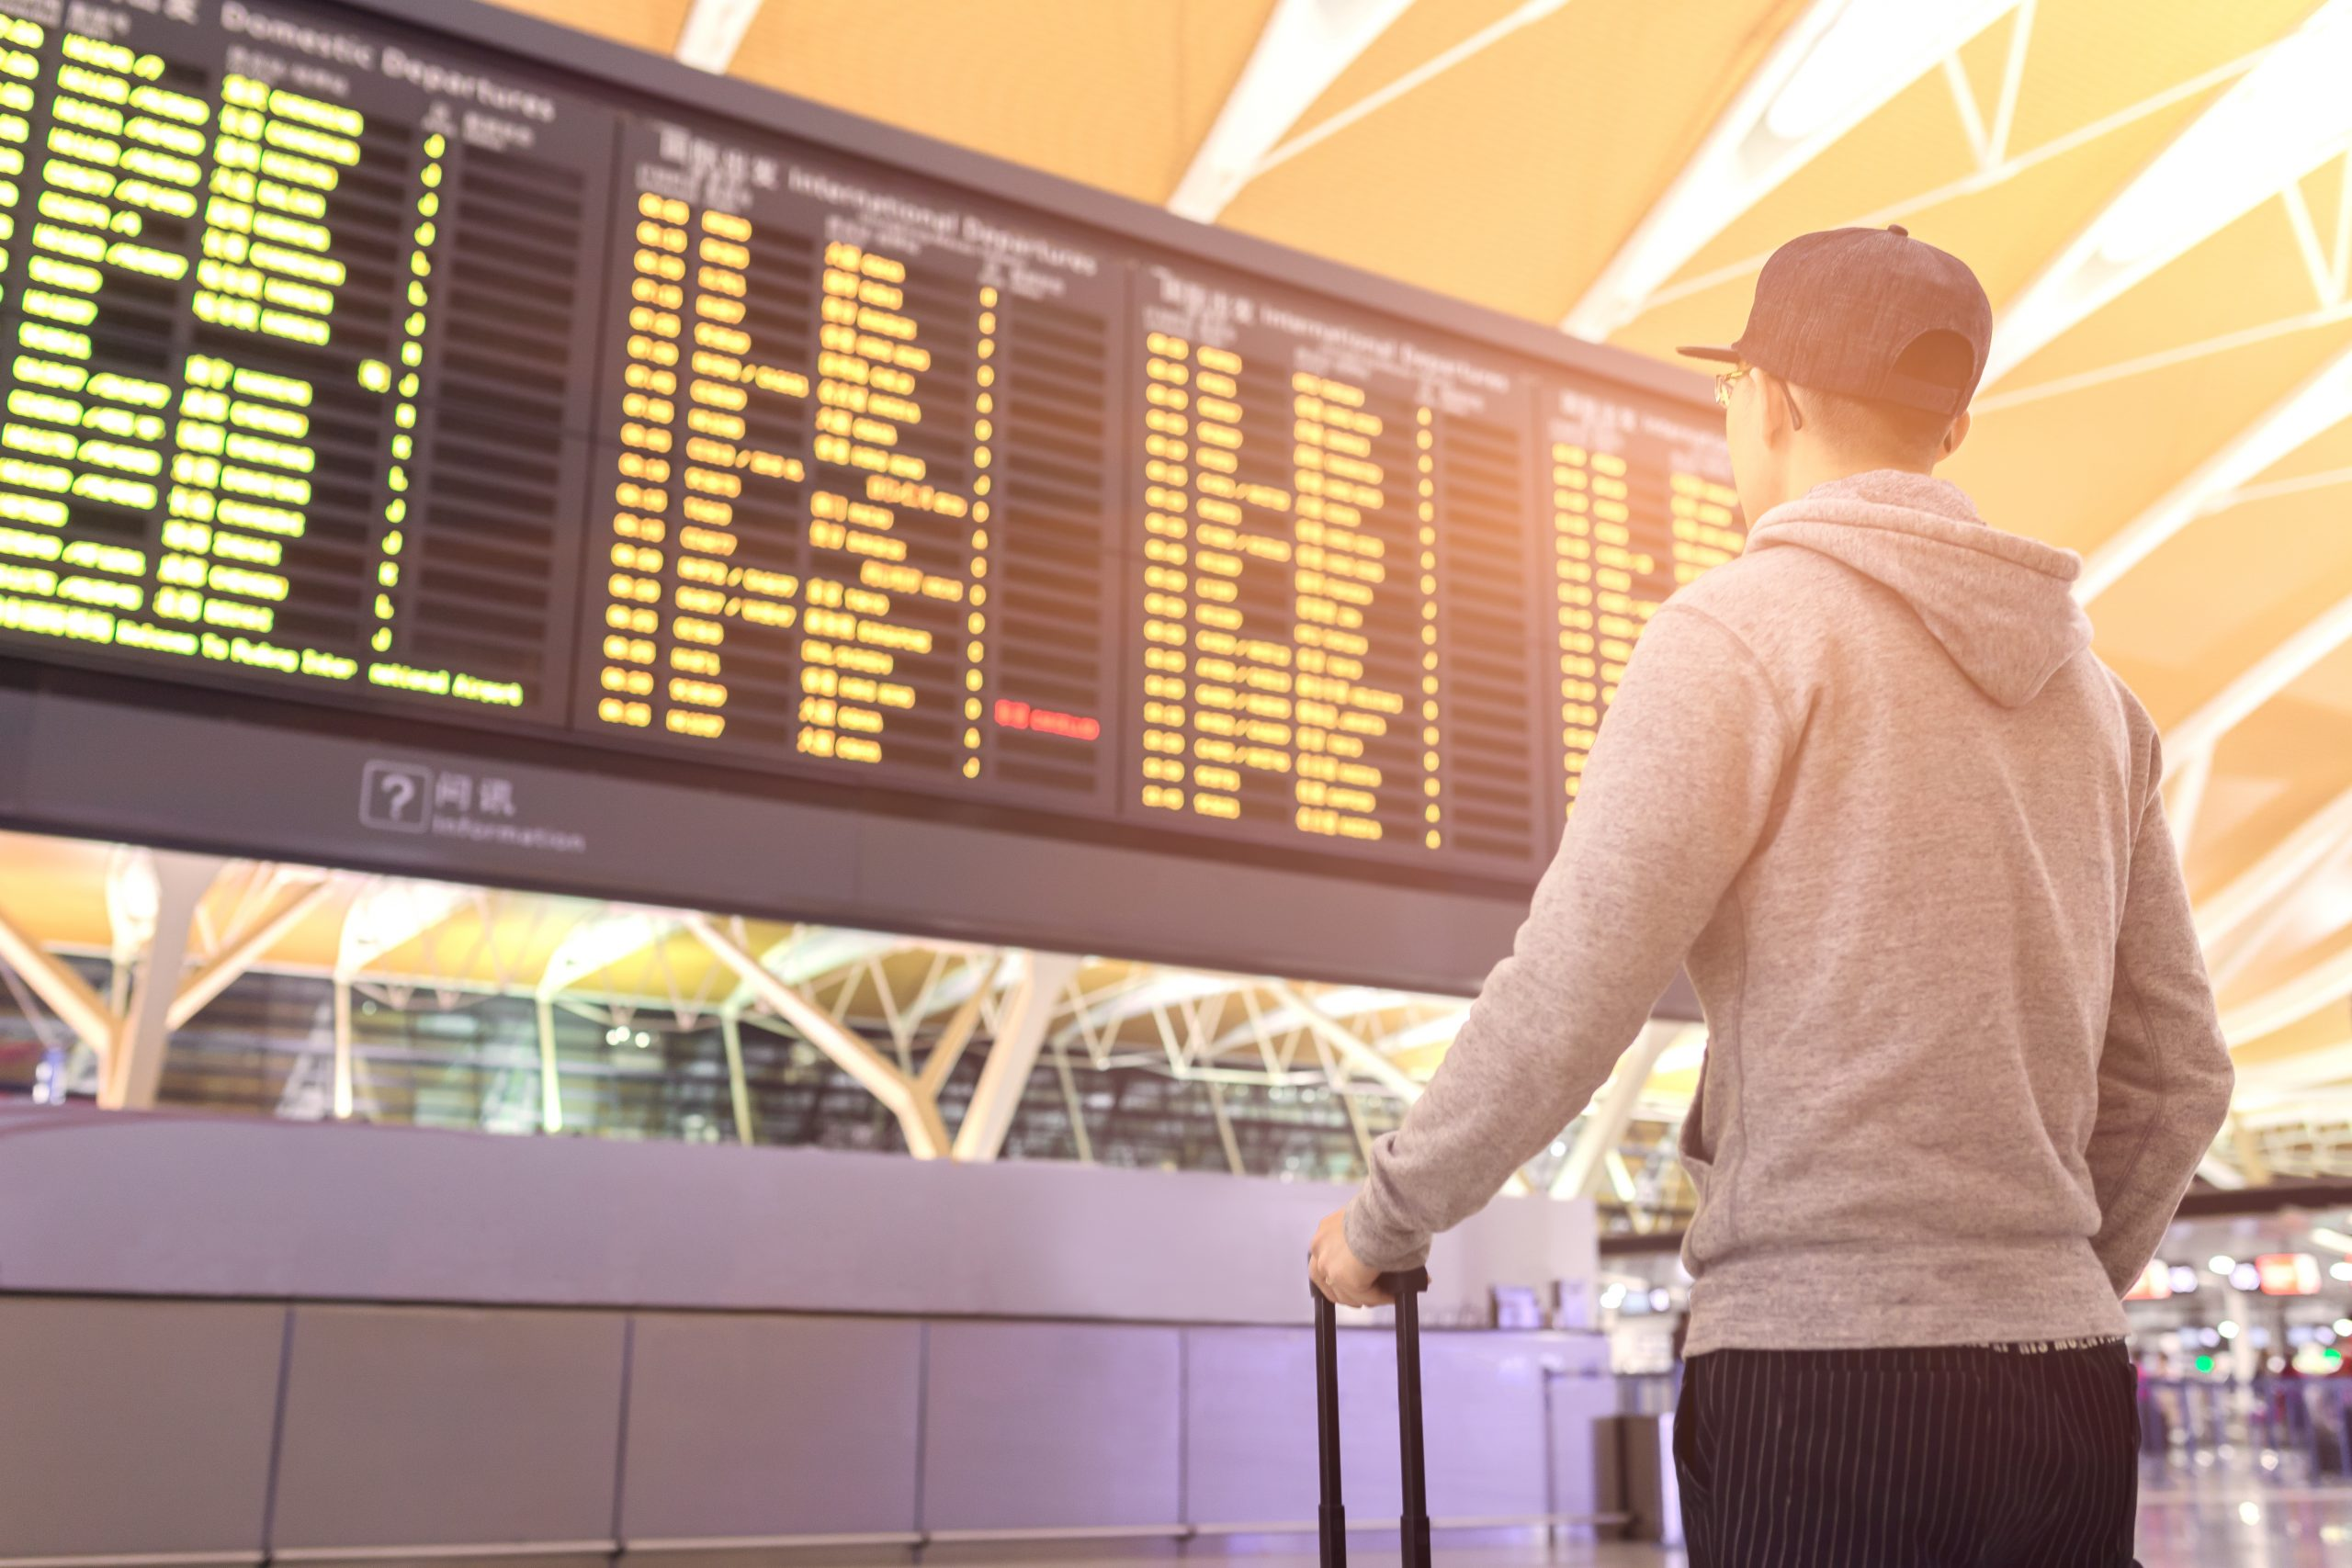 Fluggastrechte bei Flugannulierung - außergewöhnliche Umstände auf Grund politischer Unruhen